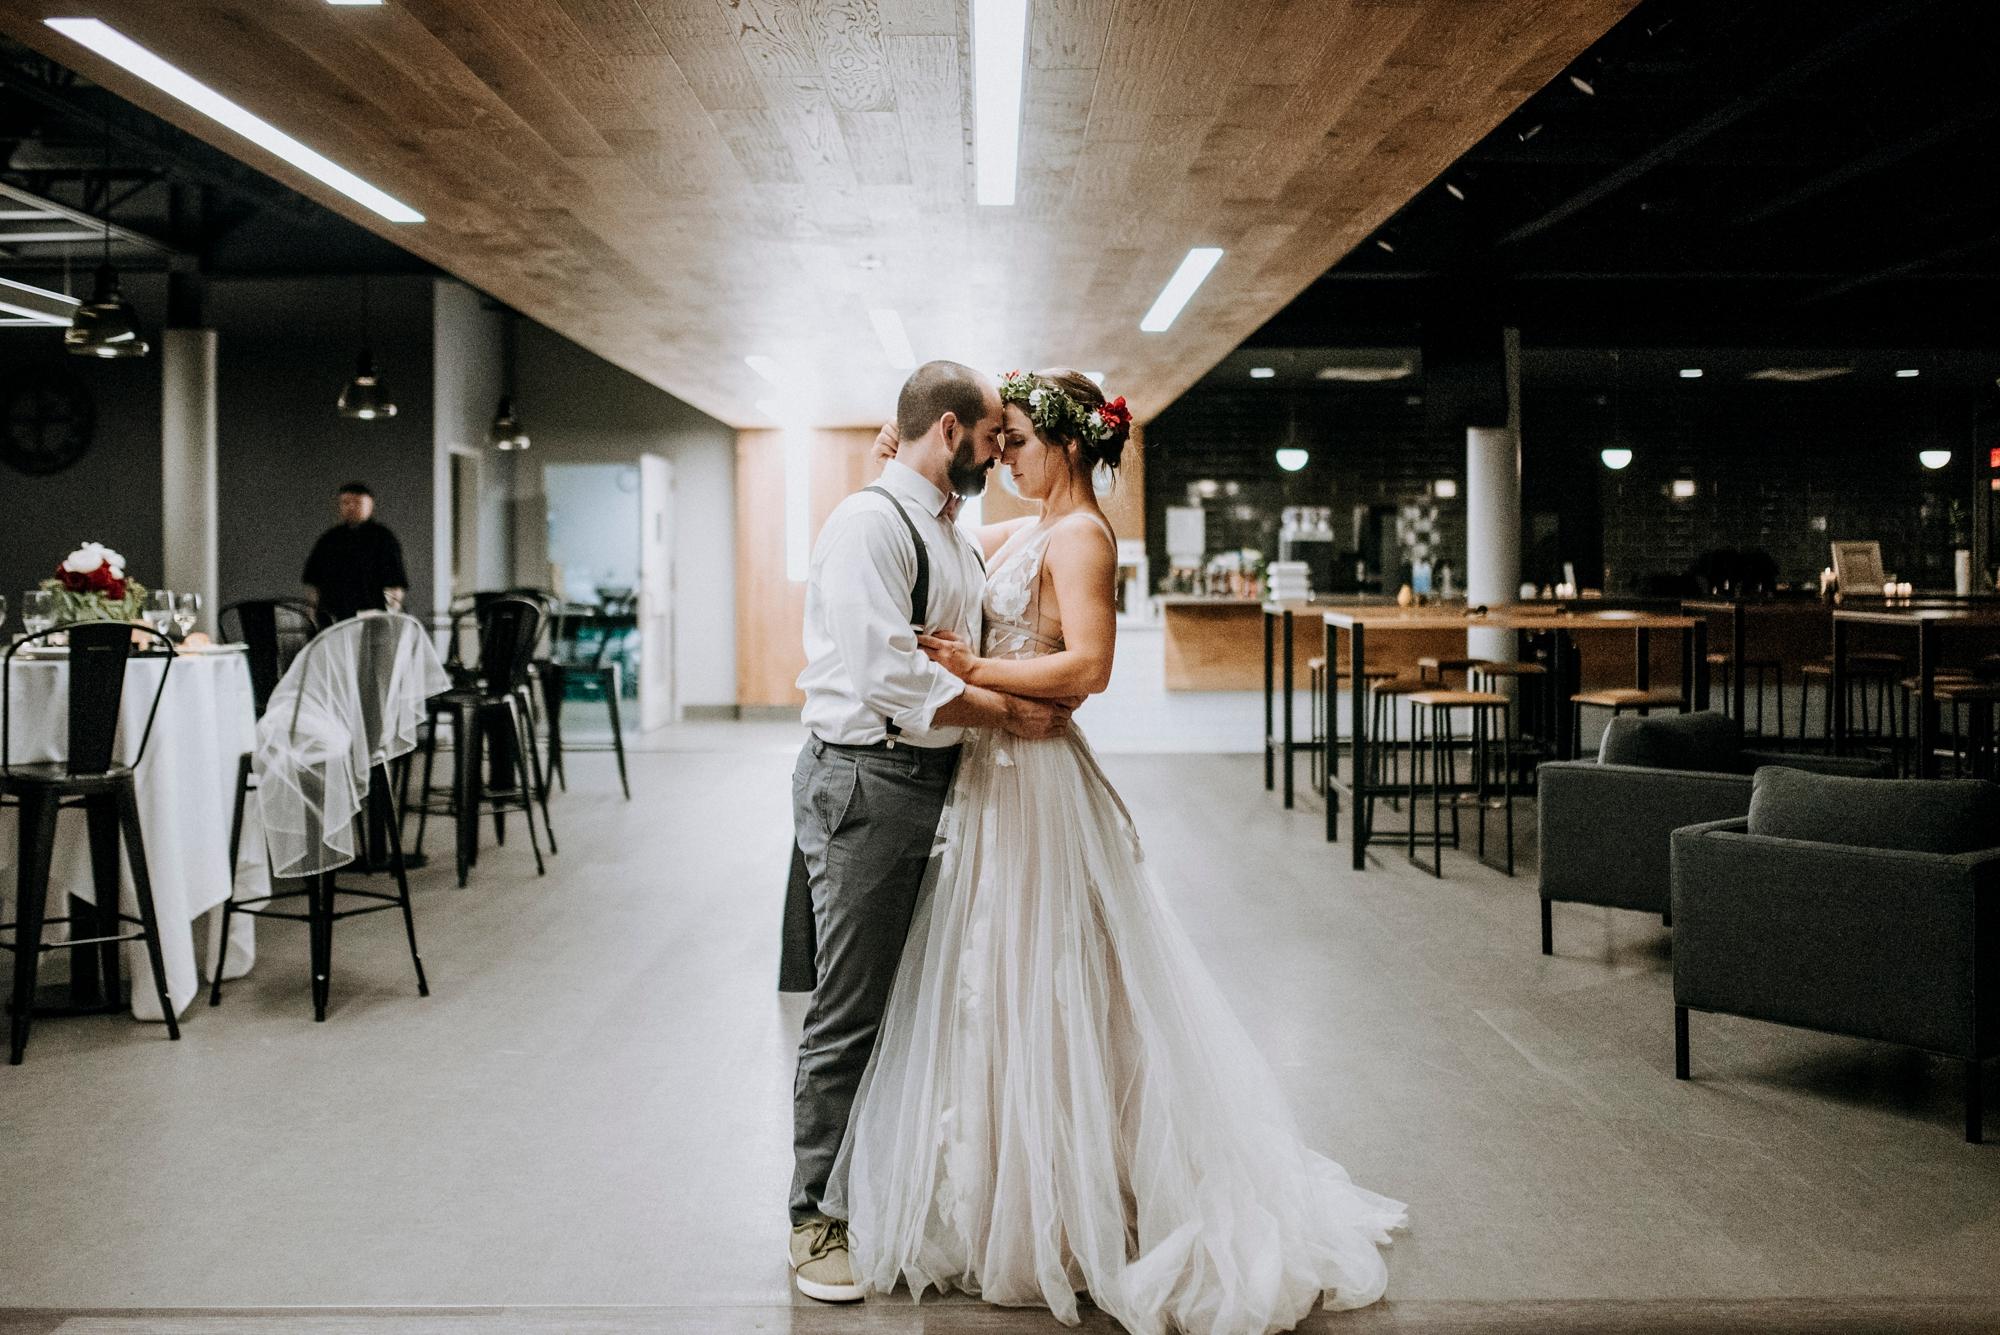 ethical-destination-wedding-stlouis_0071.jpg